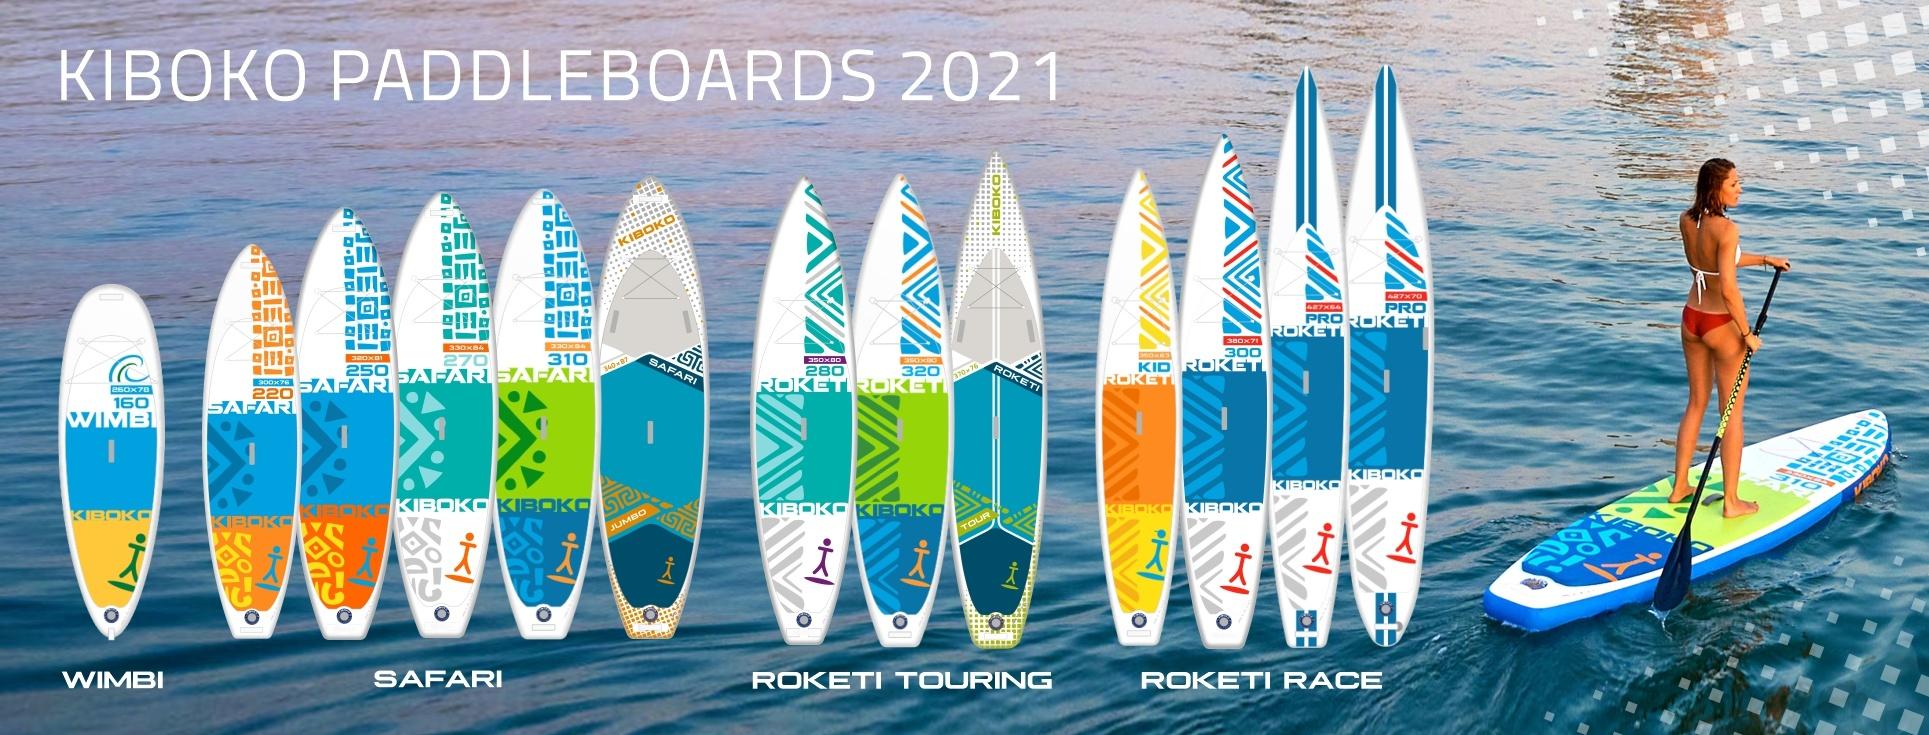 Modelová řada paddleboardů Kiboko 2021